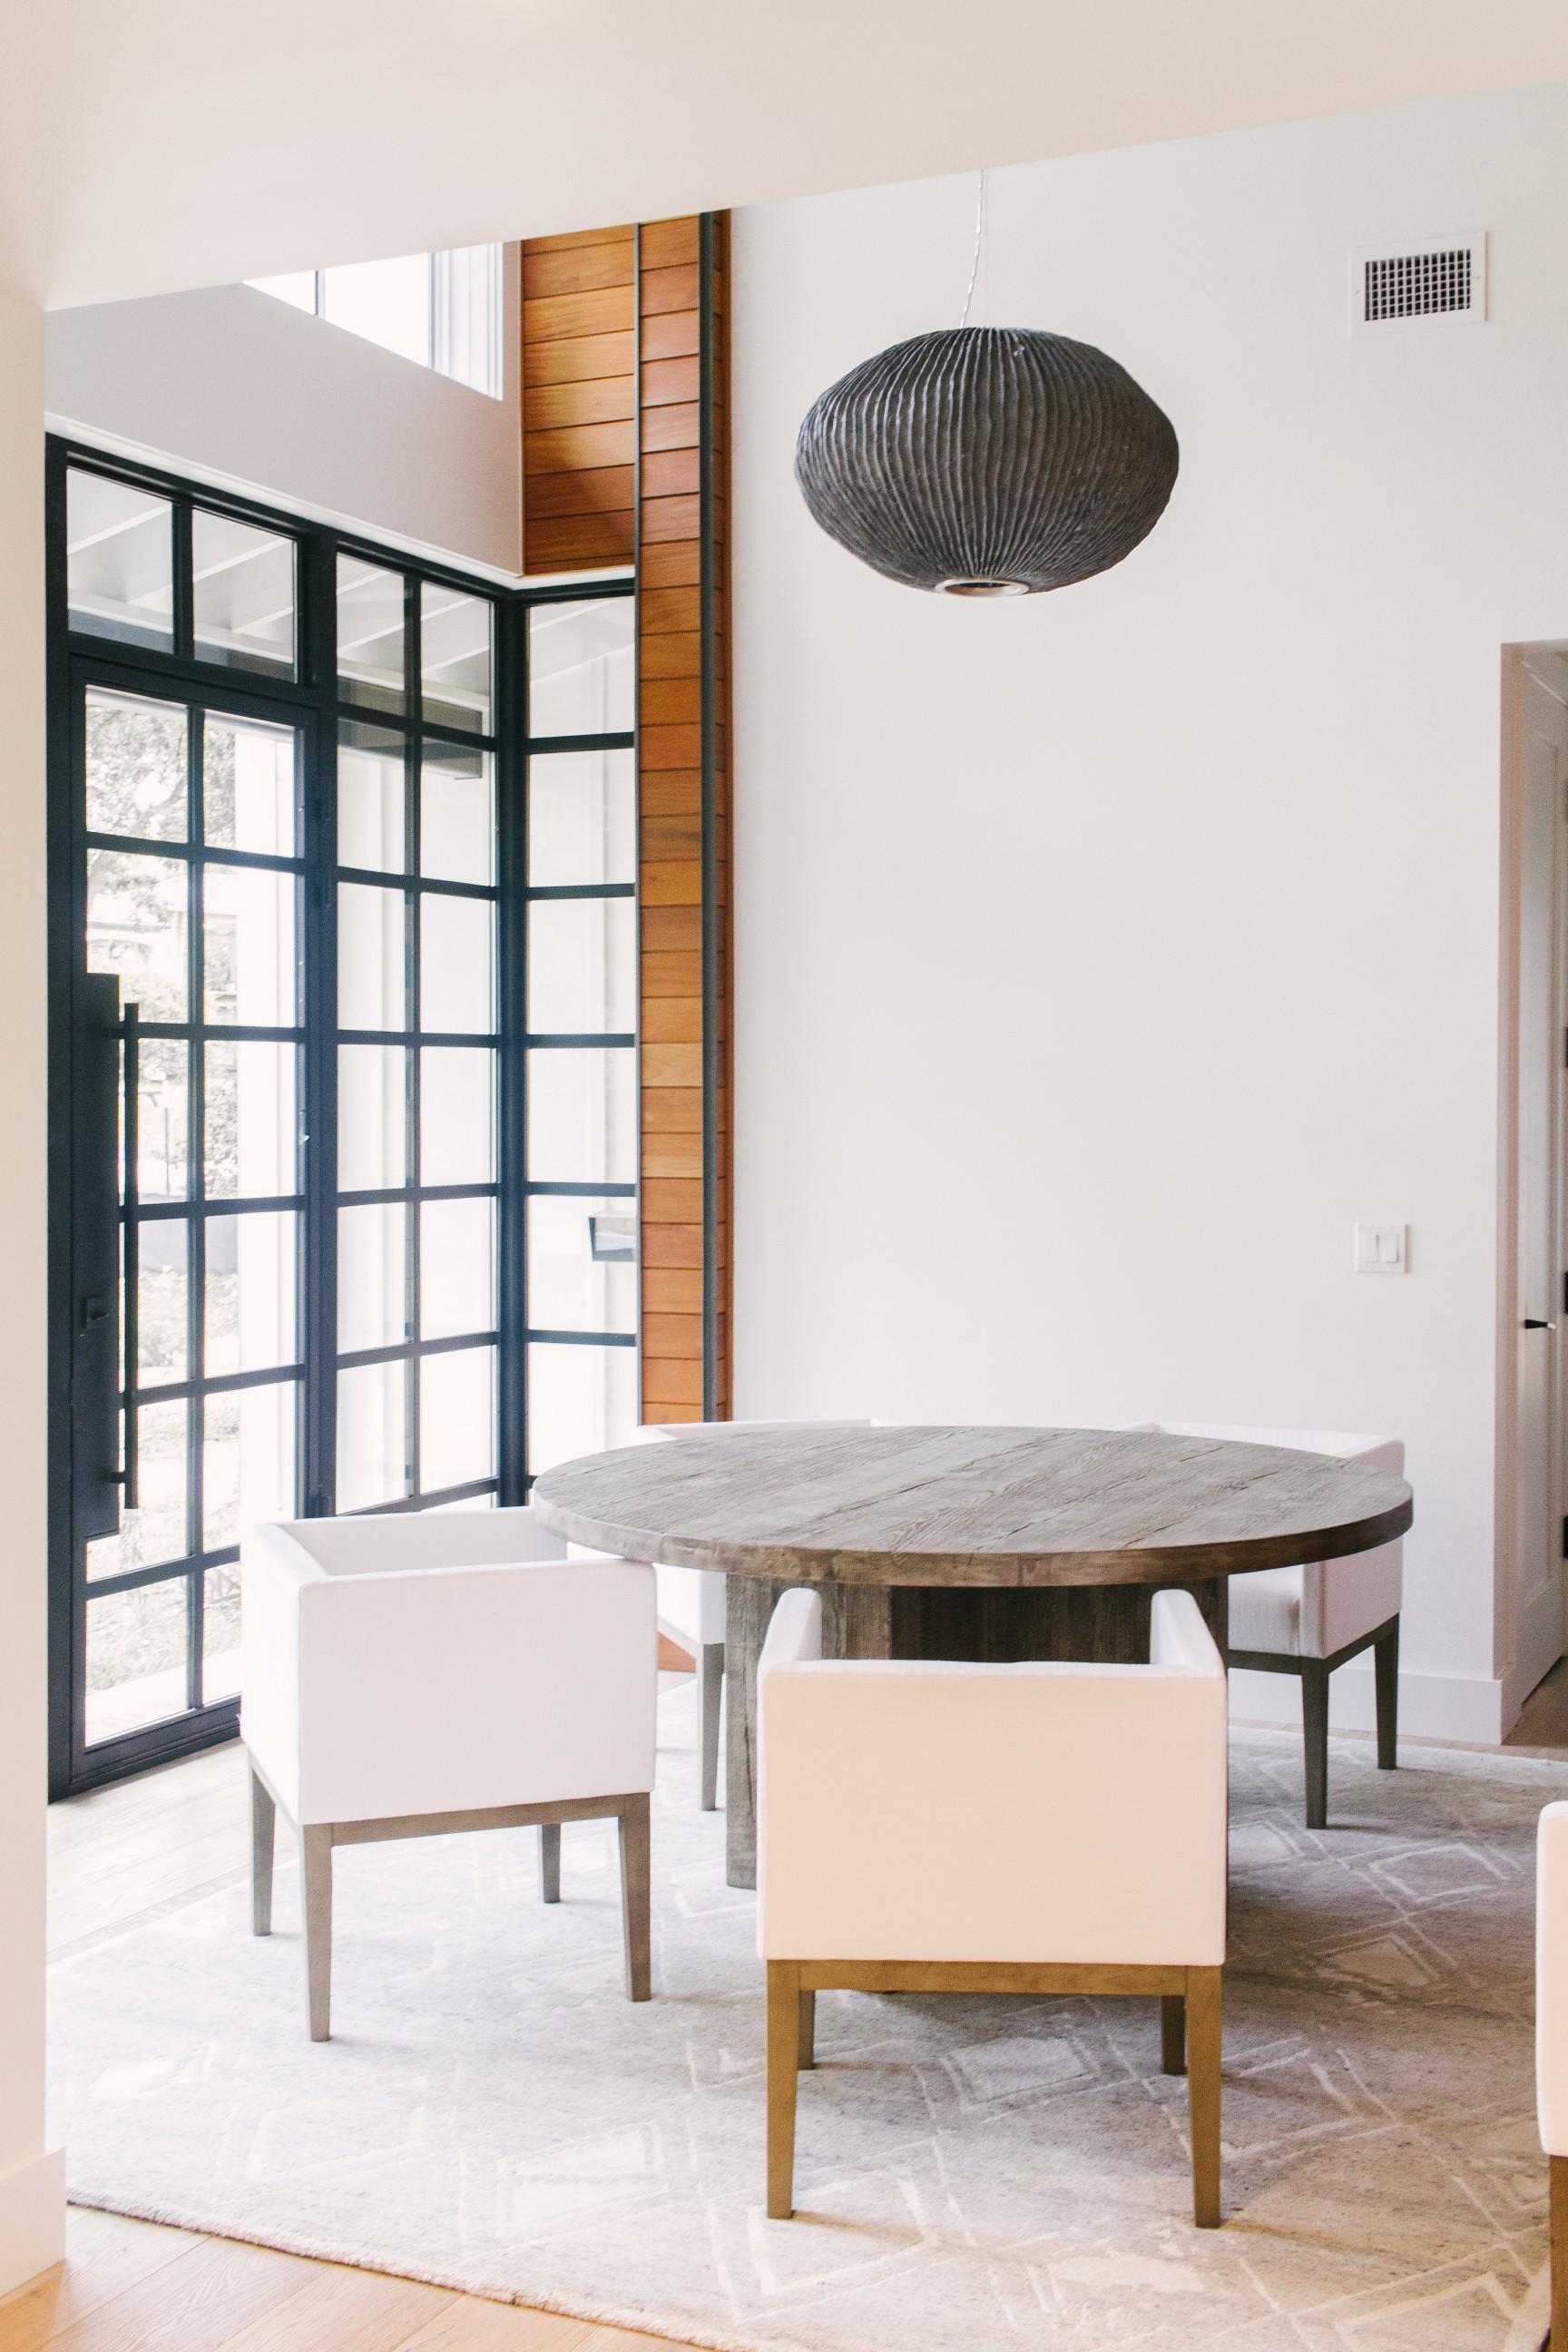 PERCH PLAN-Modern Farmhouse Floor Plan 23.jpg